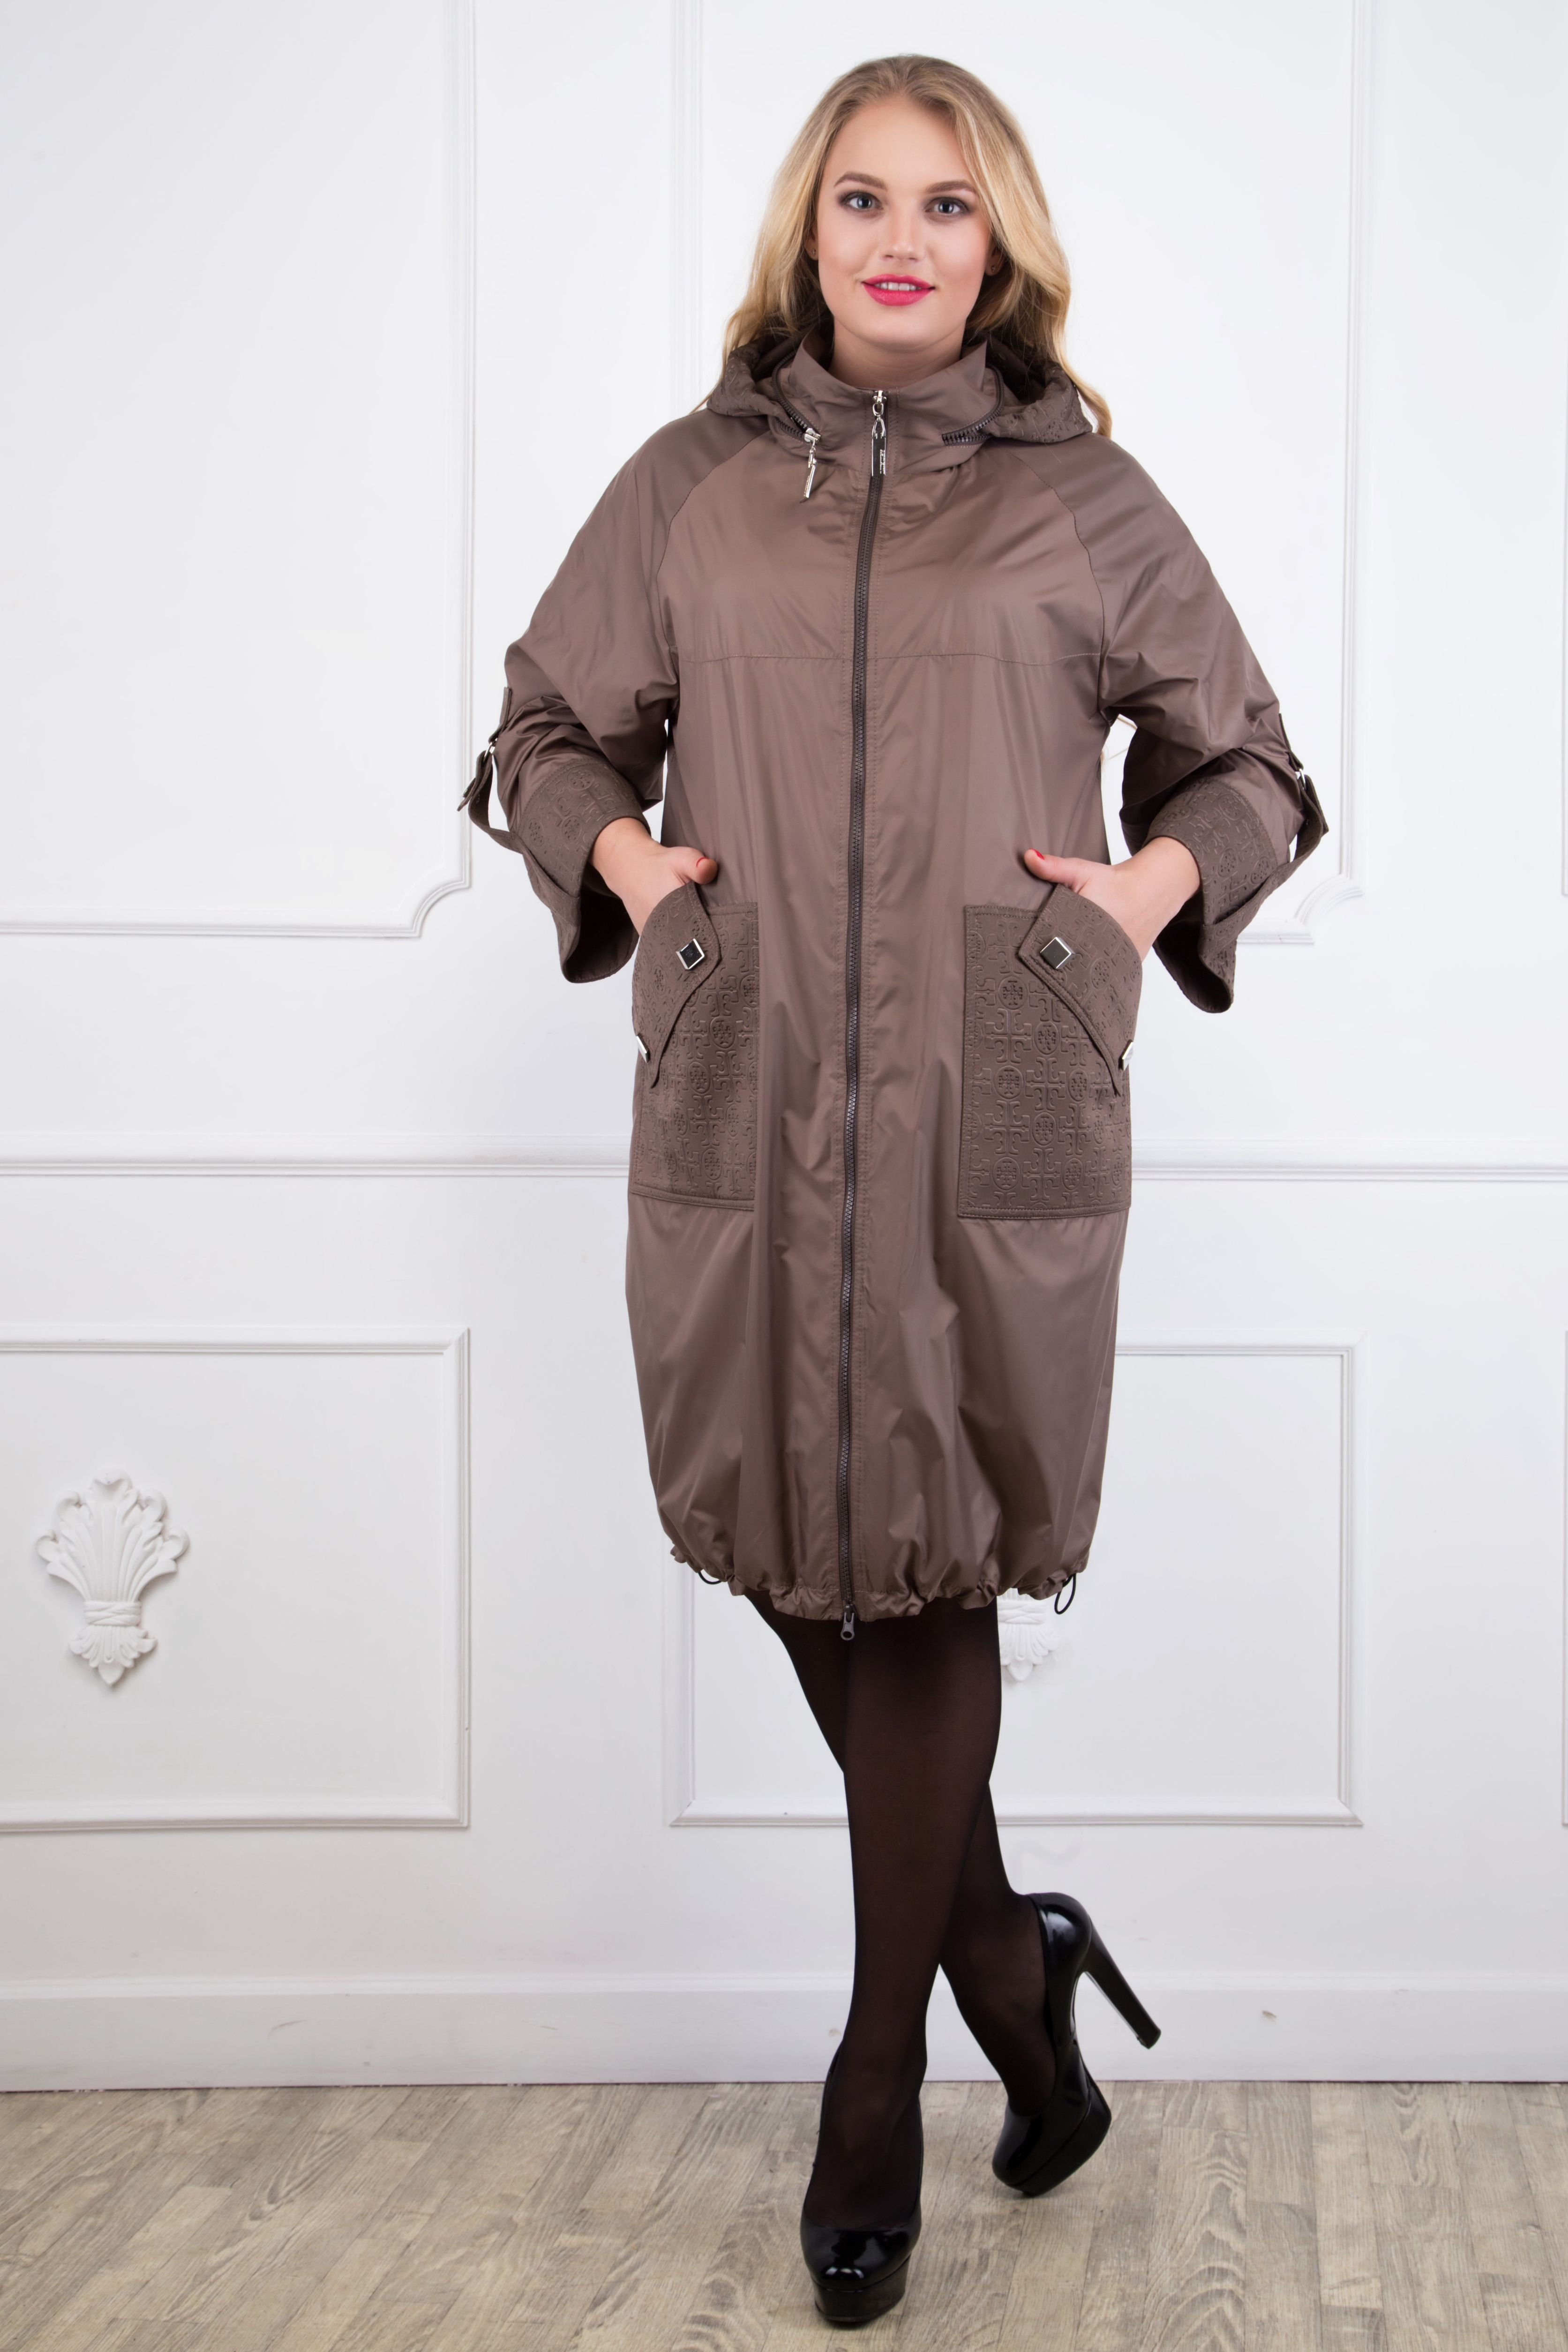 e670102f Стильная женская ветровка(модель 549)   RICHES - Интернет-магазин женской  одежды